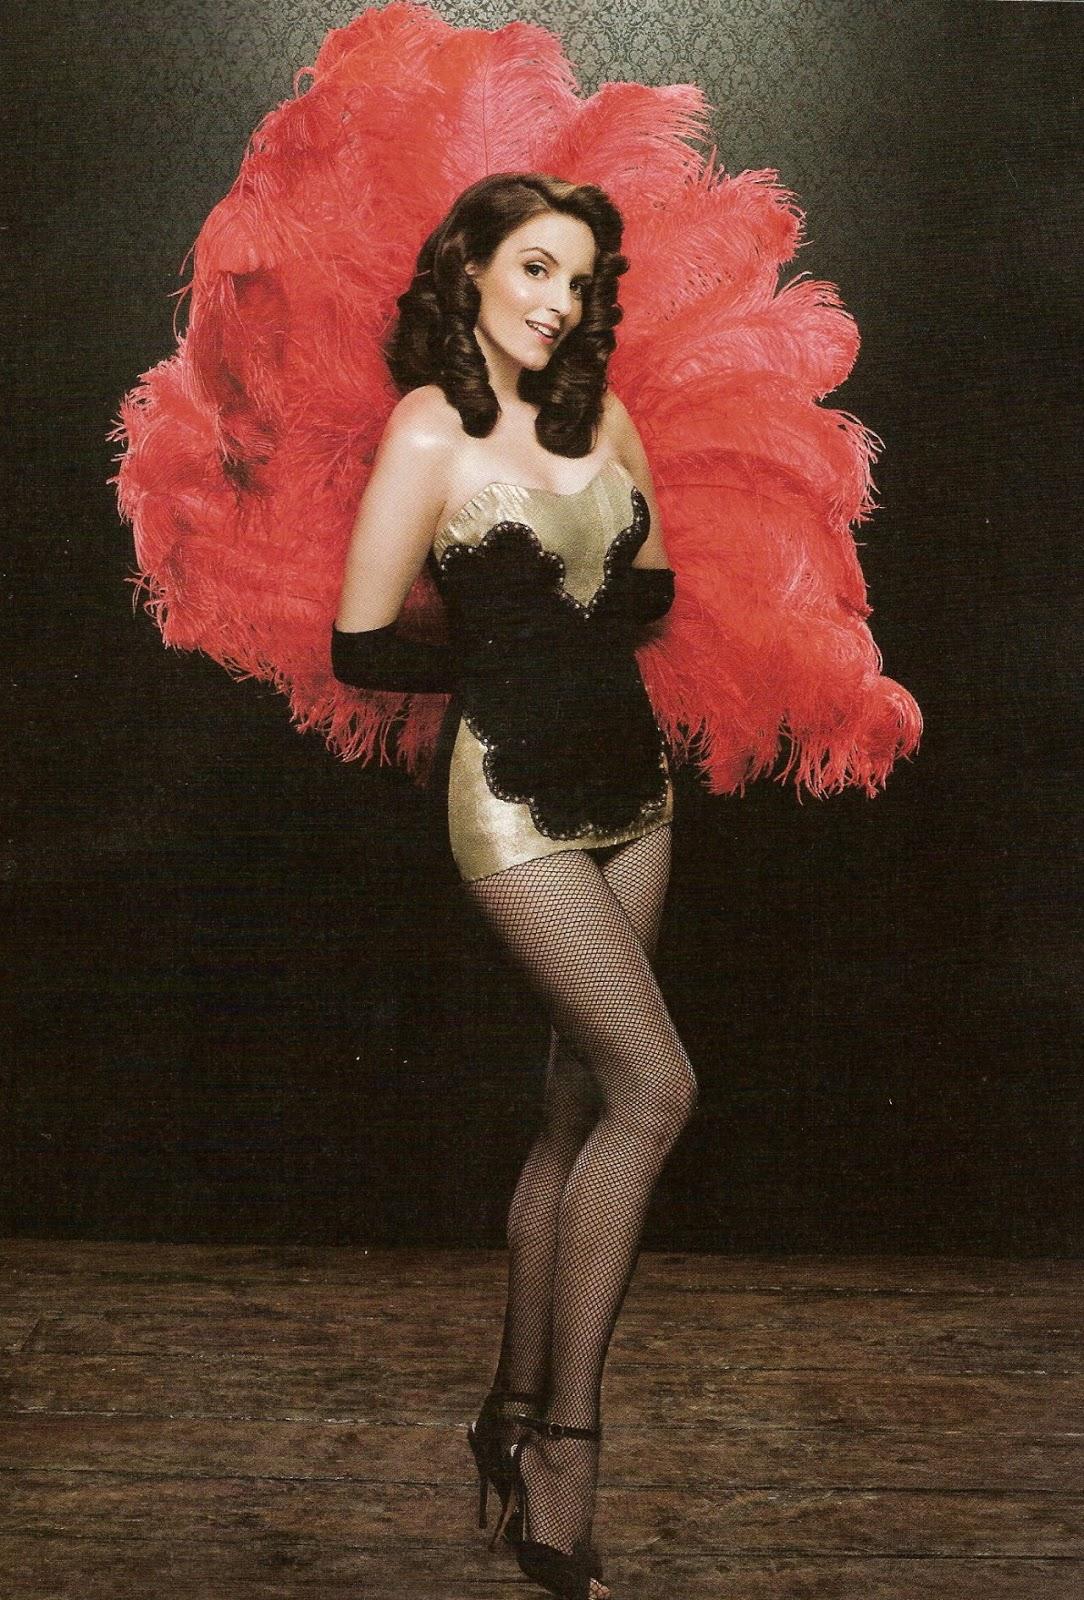 http://4.bp.blogspot.com/-kCSw9buE9dA/T4vkzc1kn5I/AAAAAAAAHJA/BDnR22ZVWpU/s1600/Tina+Fey+sexy+03.jpg